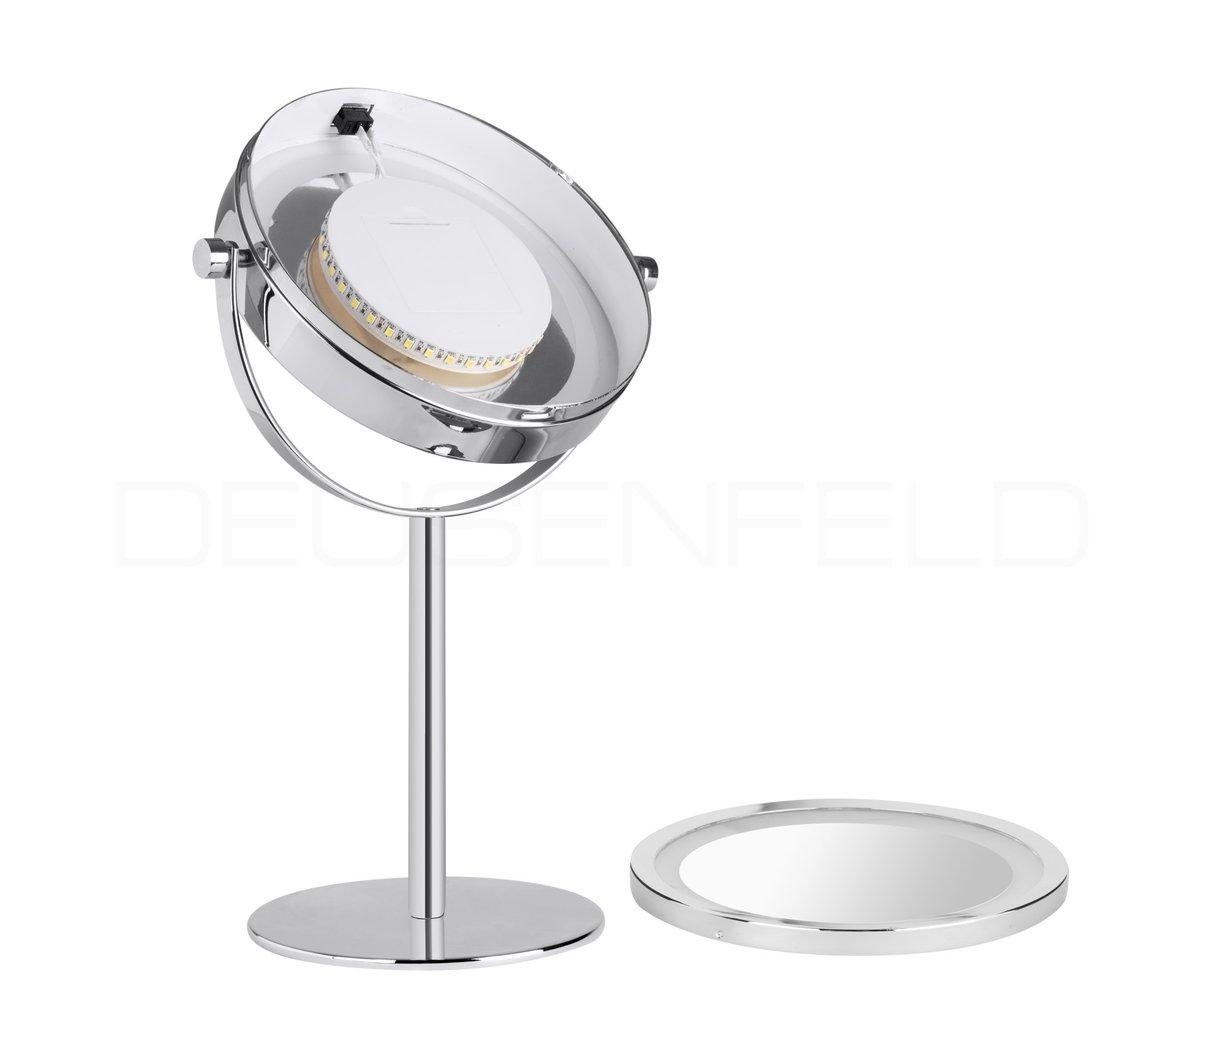 Deusenfeld sl10cb batterie led doppel stand kosmetikspiegel 10 fach normalspiegel 17 5cm hell - Kosmetikspiegel led batterie ...